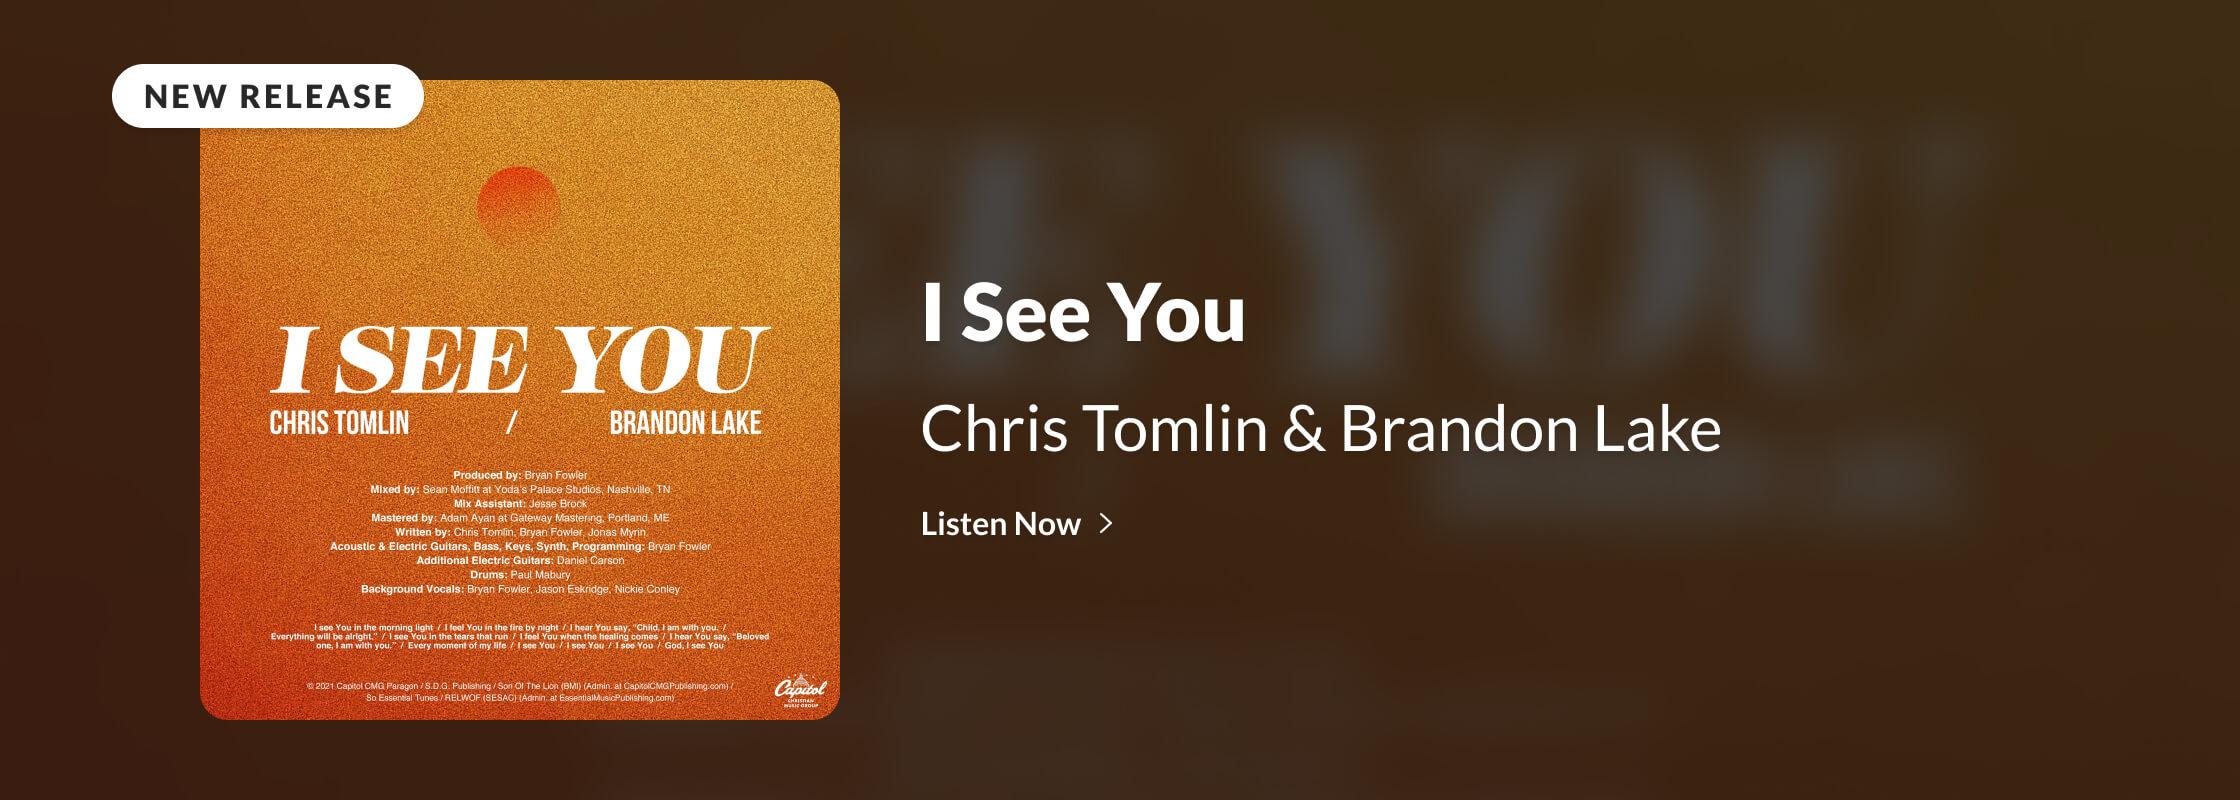 Chris Tomlin & Brandon Lake | I See You